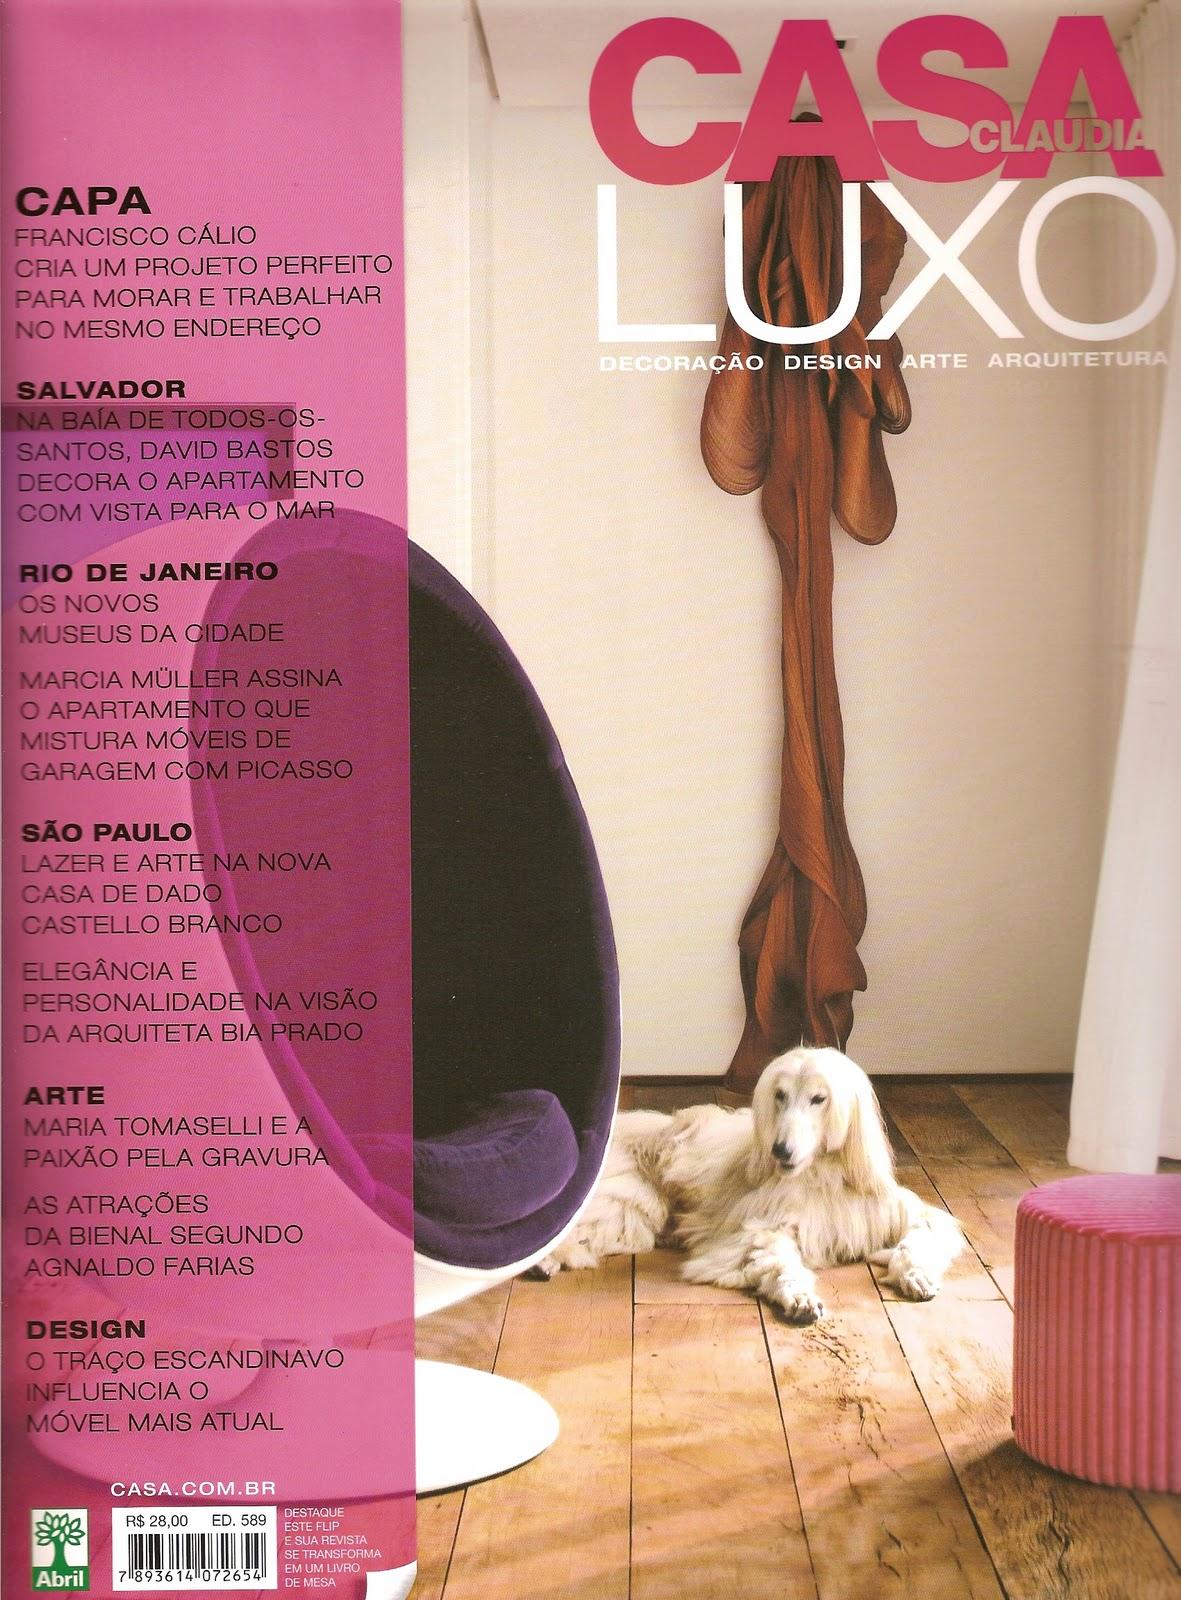 Casa claudia luxo 2010